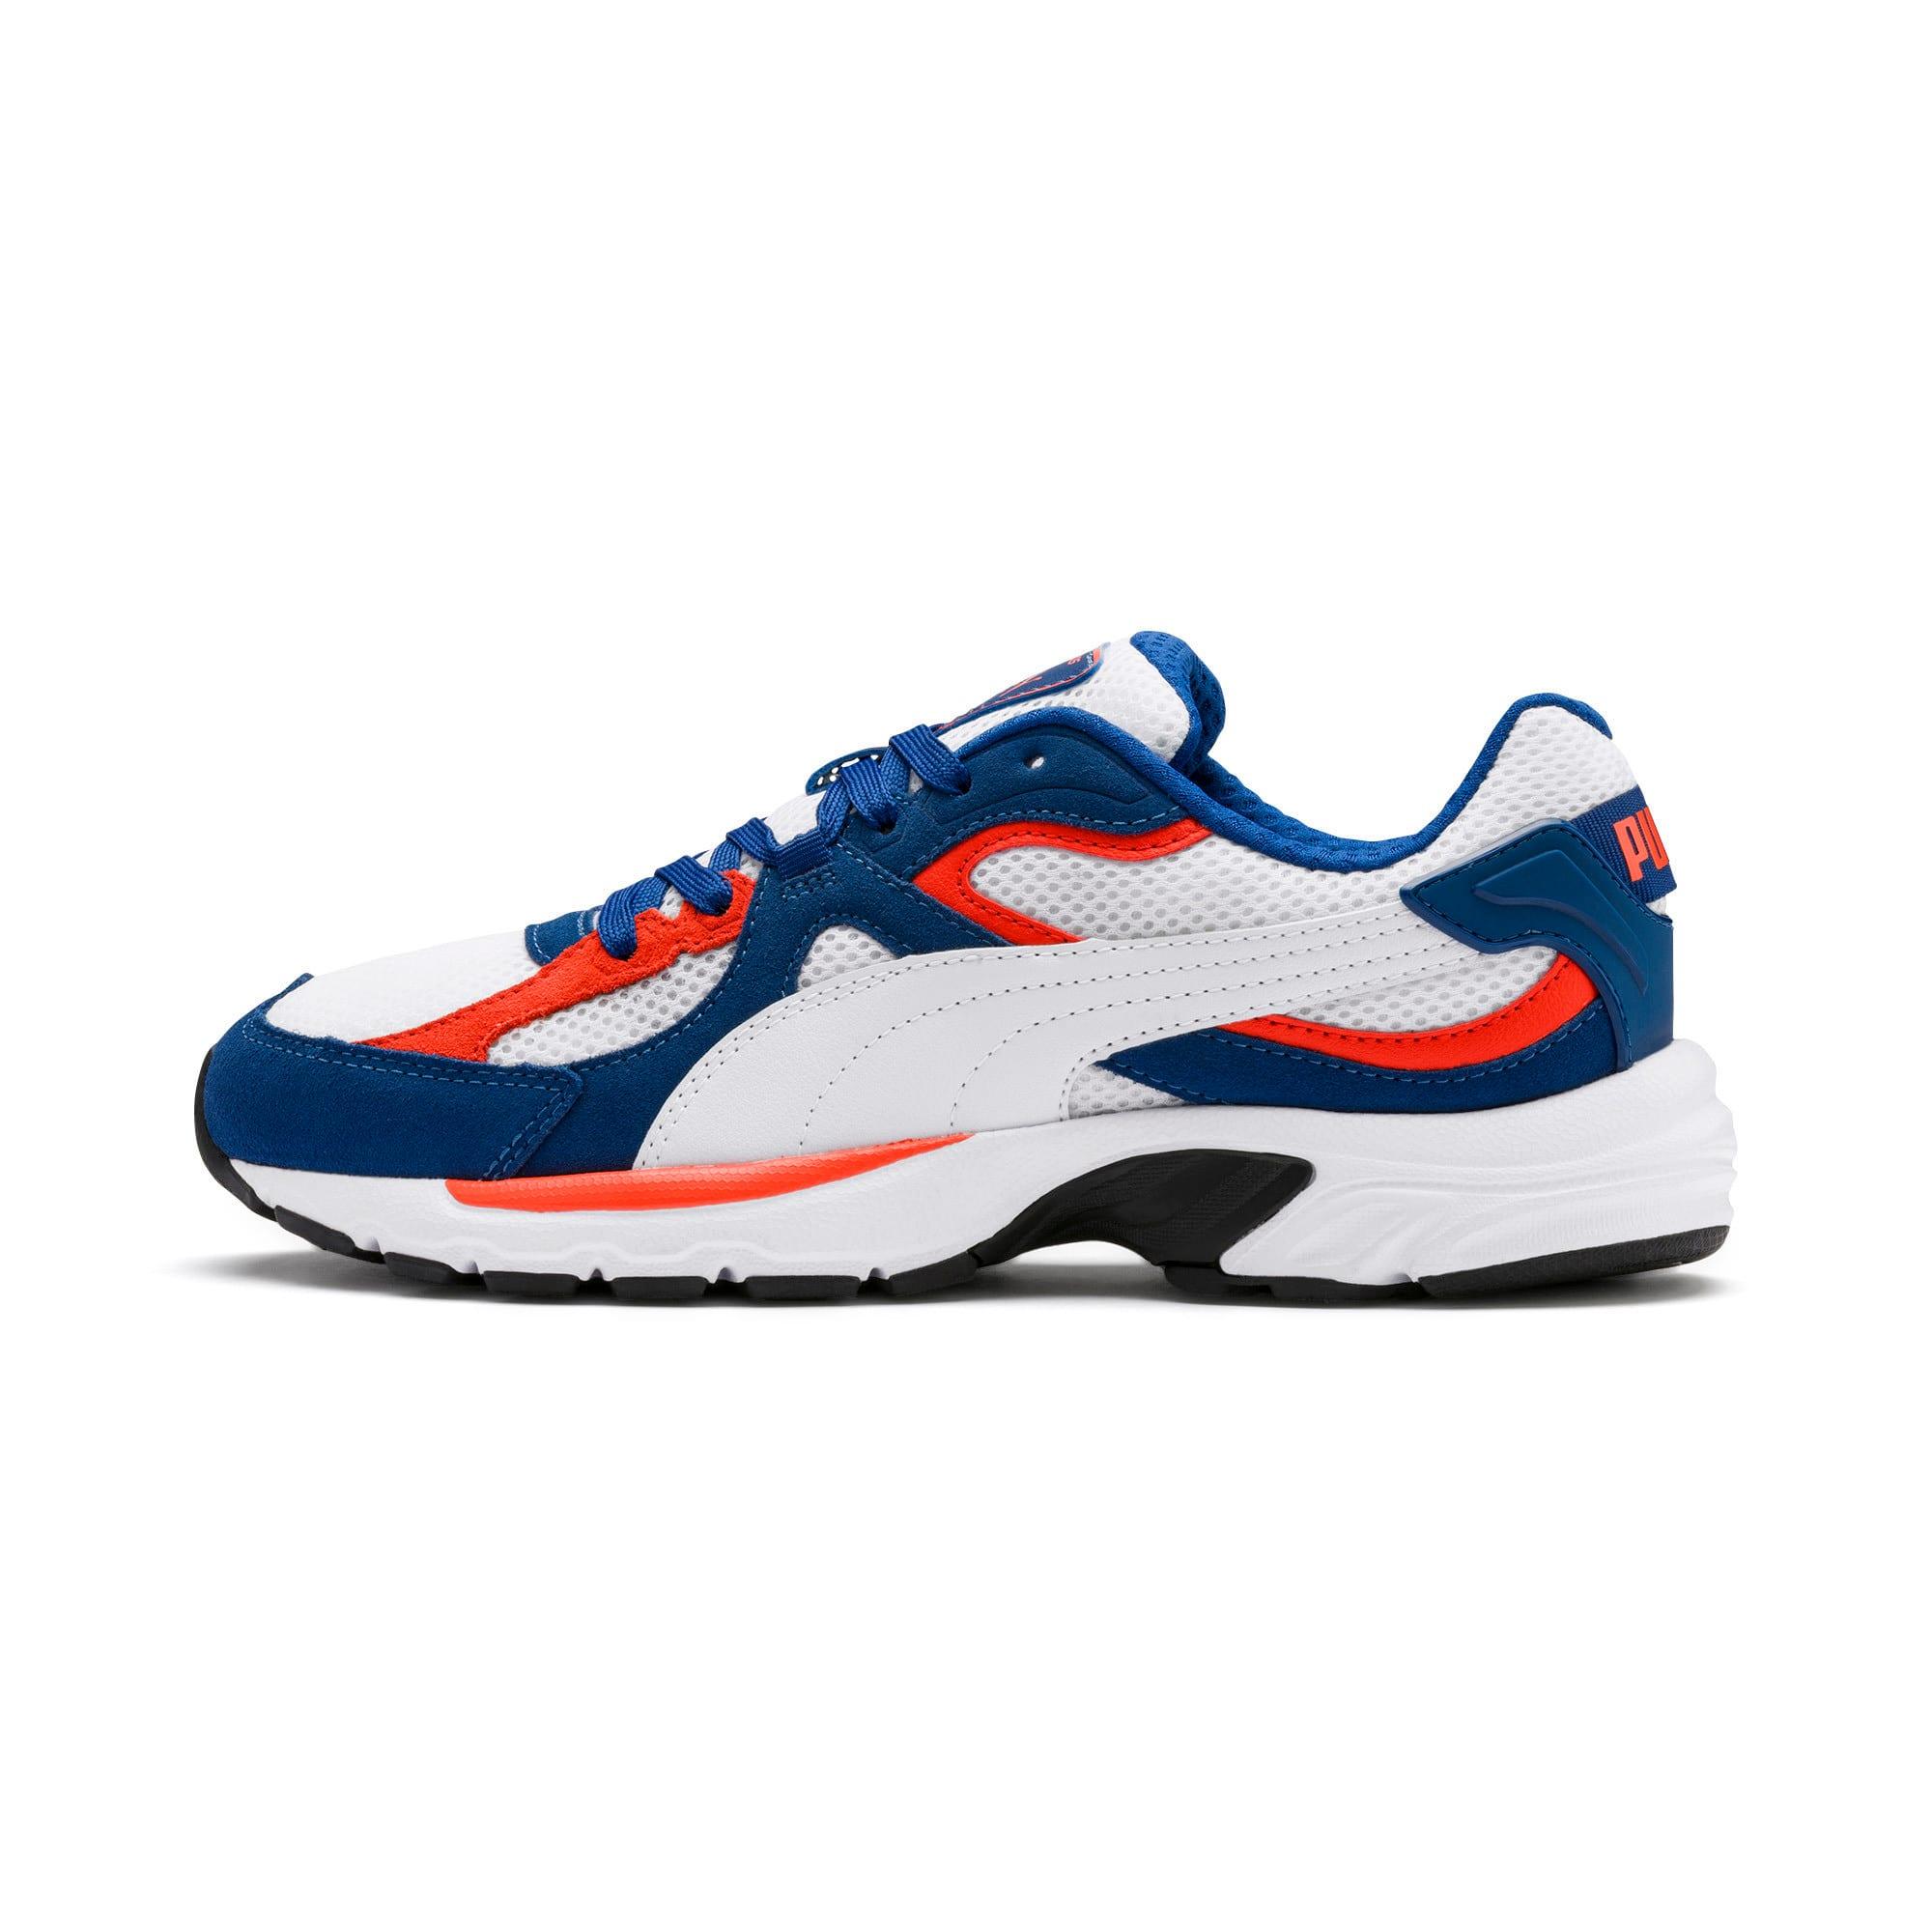 Thumbnail 1 of Axis Plus SD sneakers, White-G Blue-C Tomato-Black, medium